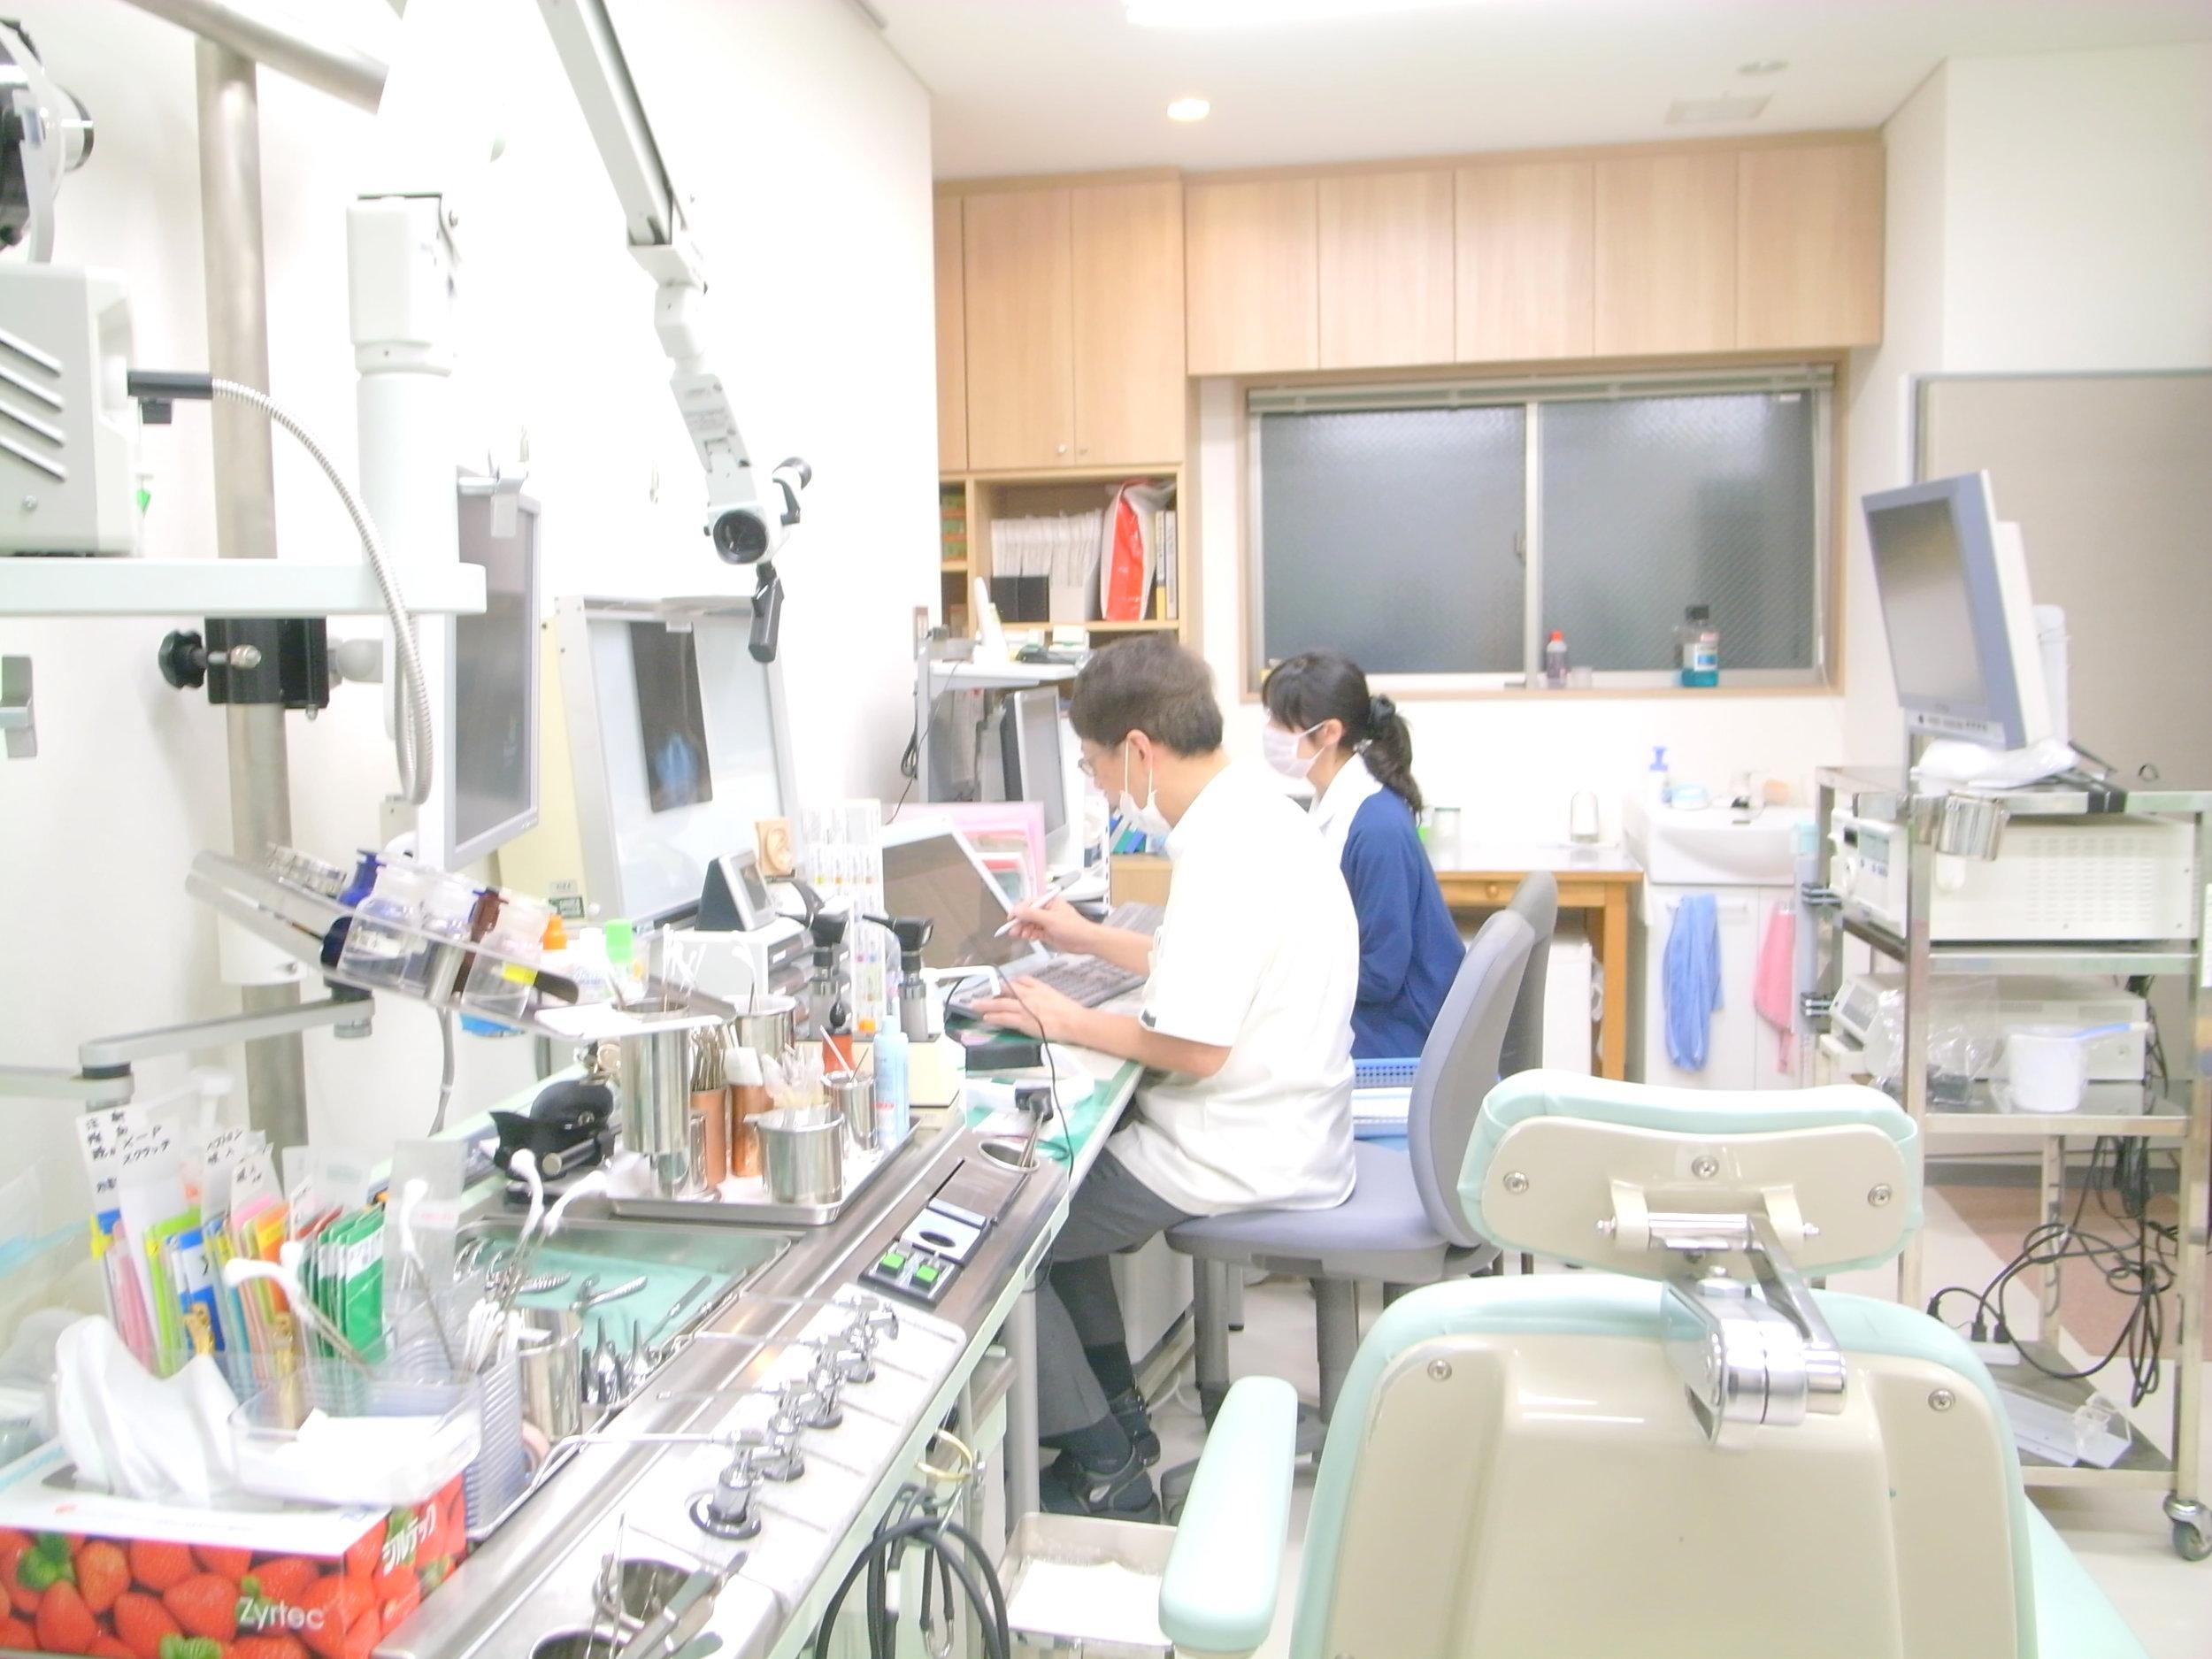 診察室②   医療クラークが常駐しカルテも電子化で 患者様と向き合う時間を増やす診察を